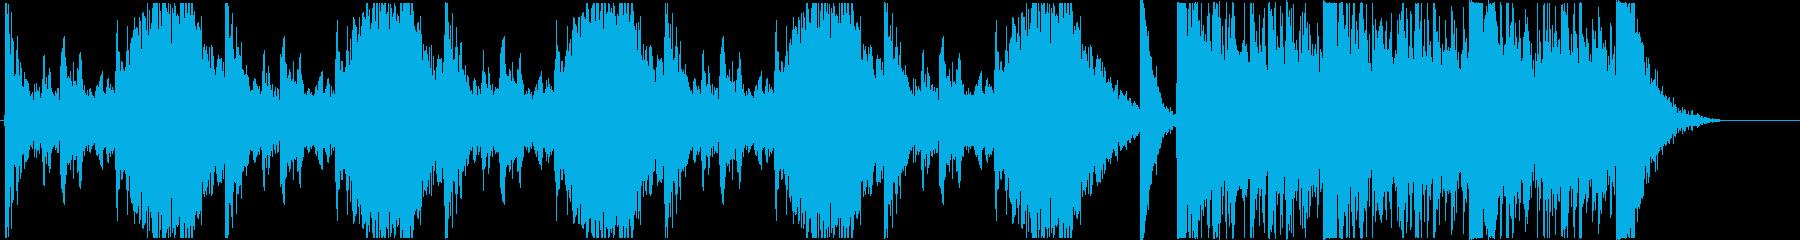 打楽器中心のトレーラーAの再生済みの波形